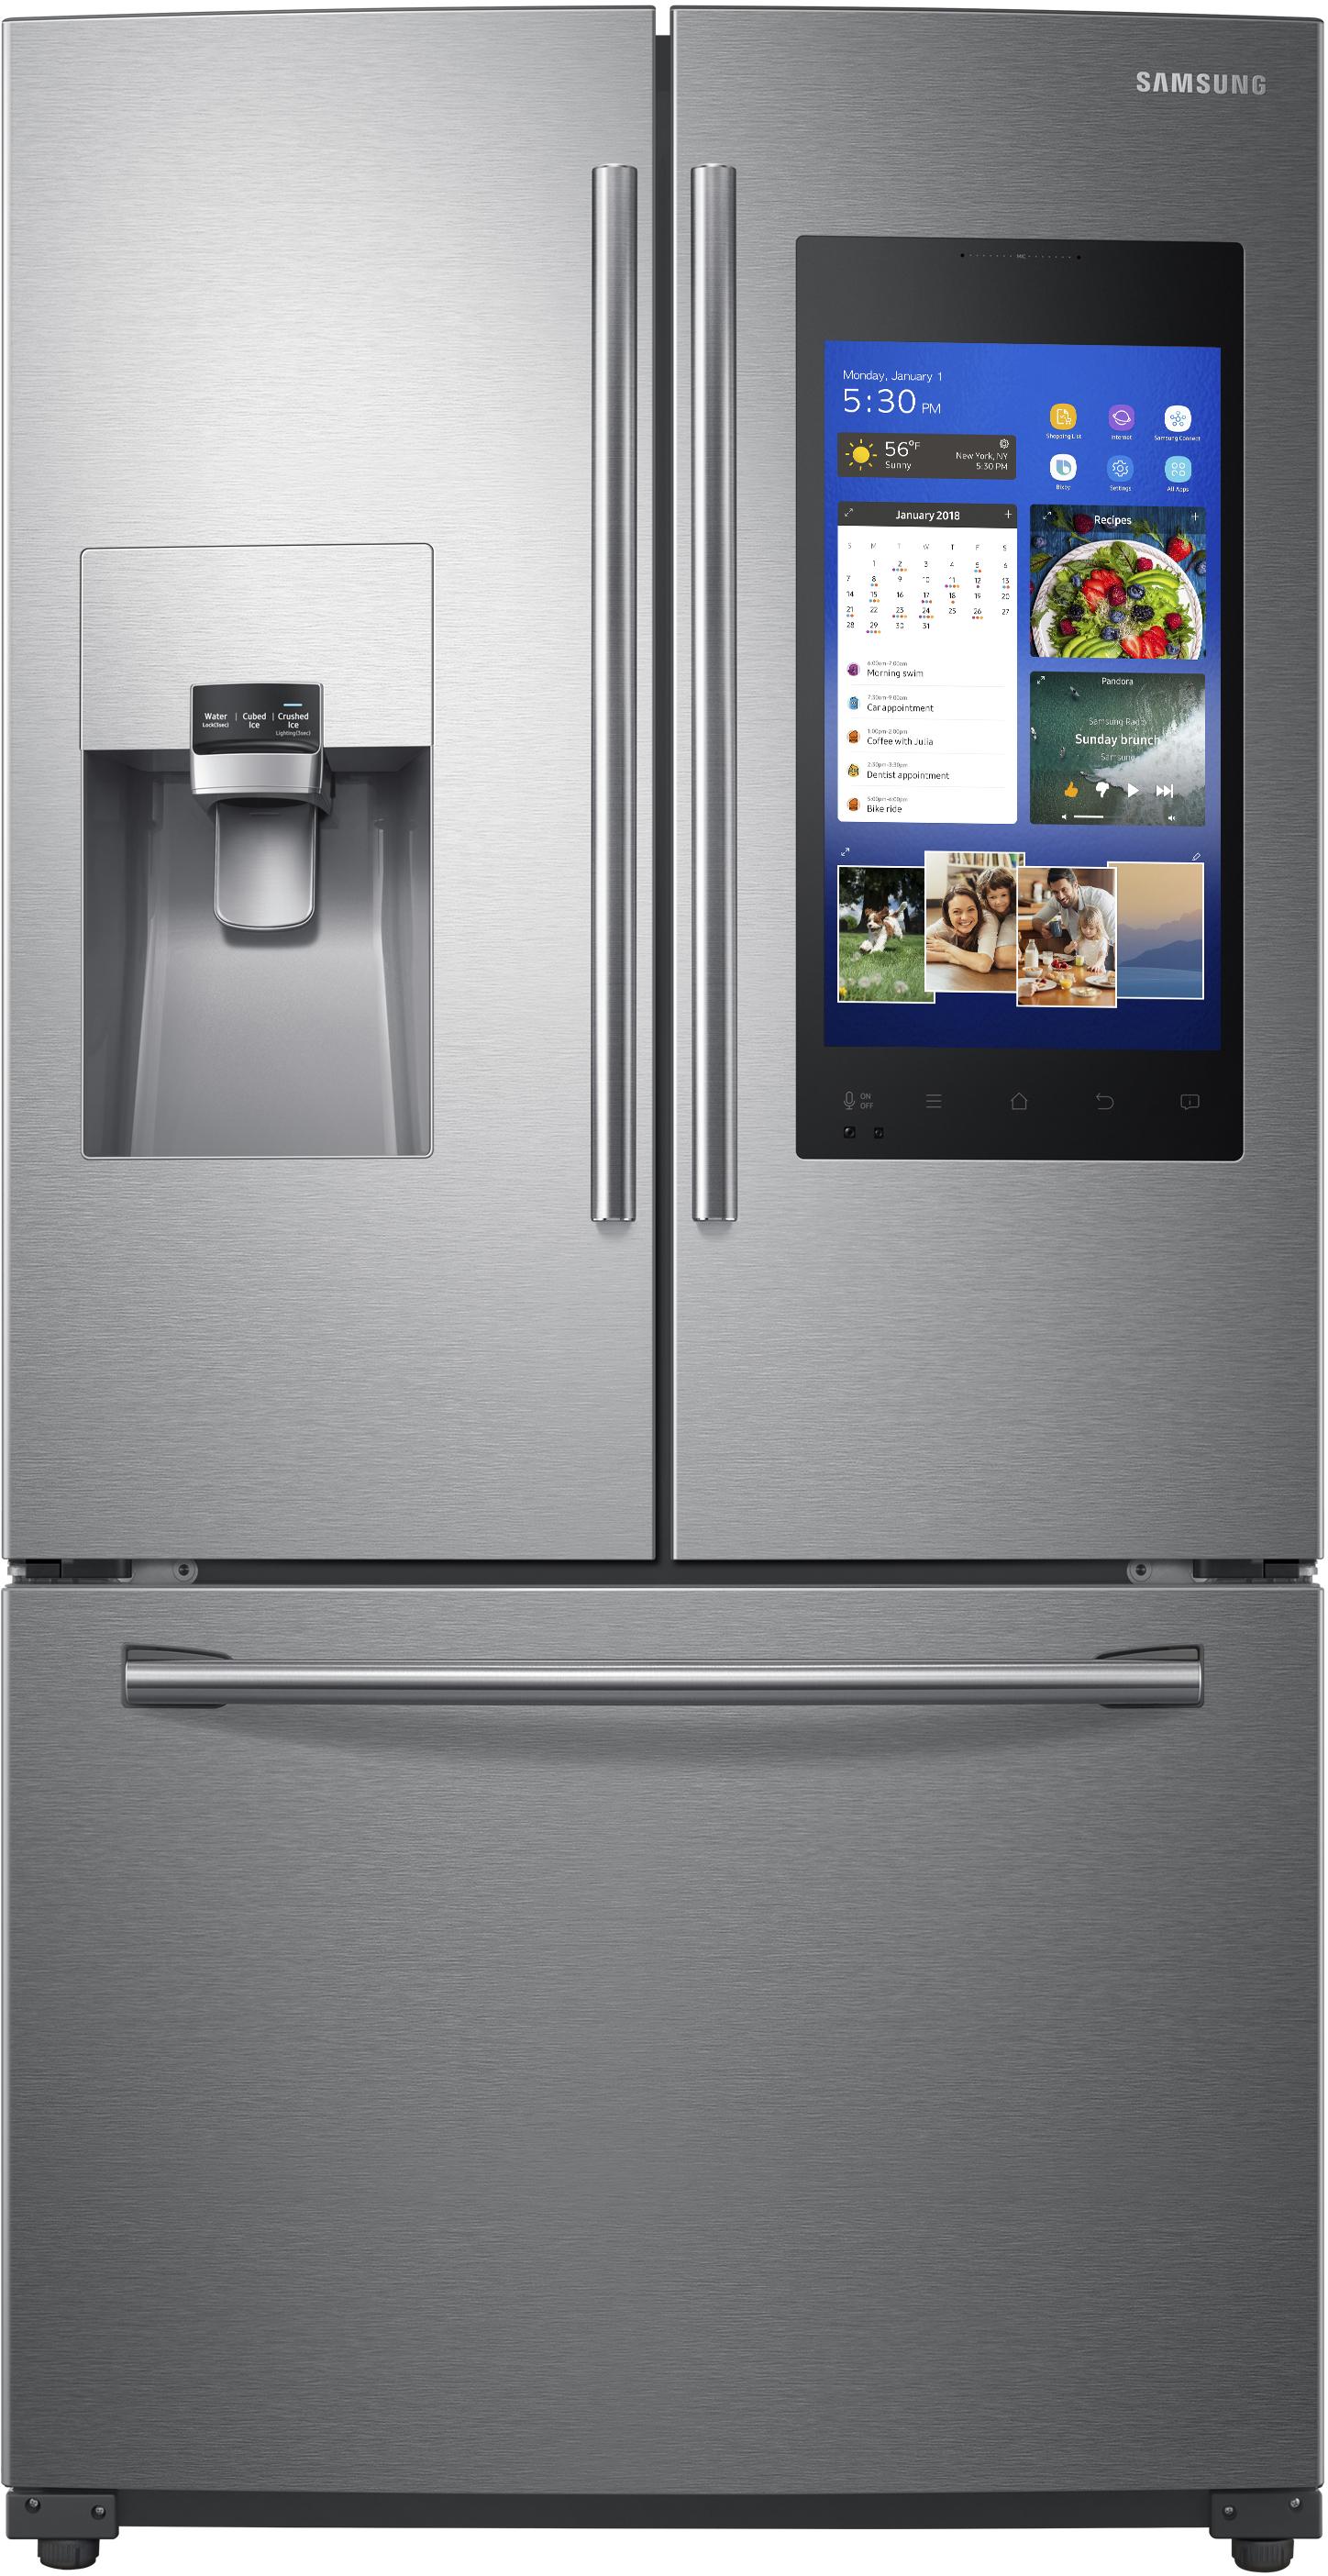 Samsung Sareradwmw4255 4 Piece Kitchen Appliances Package